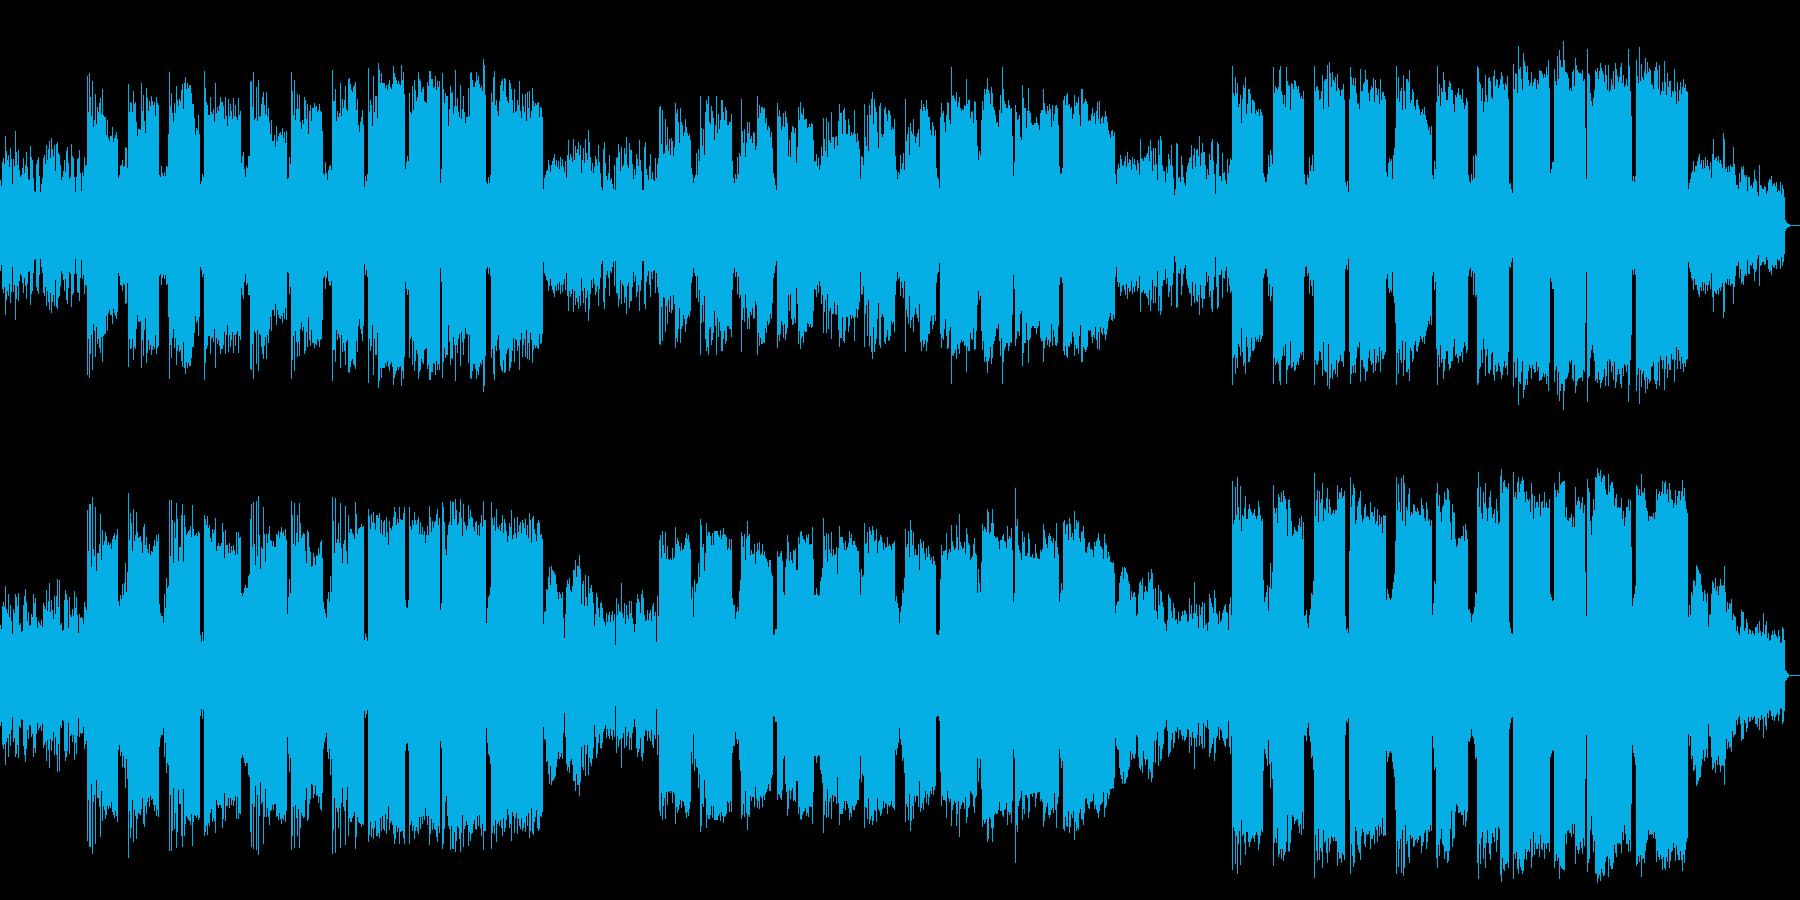 ピアノ管楽器によるファンタジックバラードの再生済みの波形